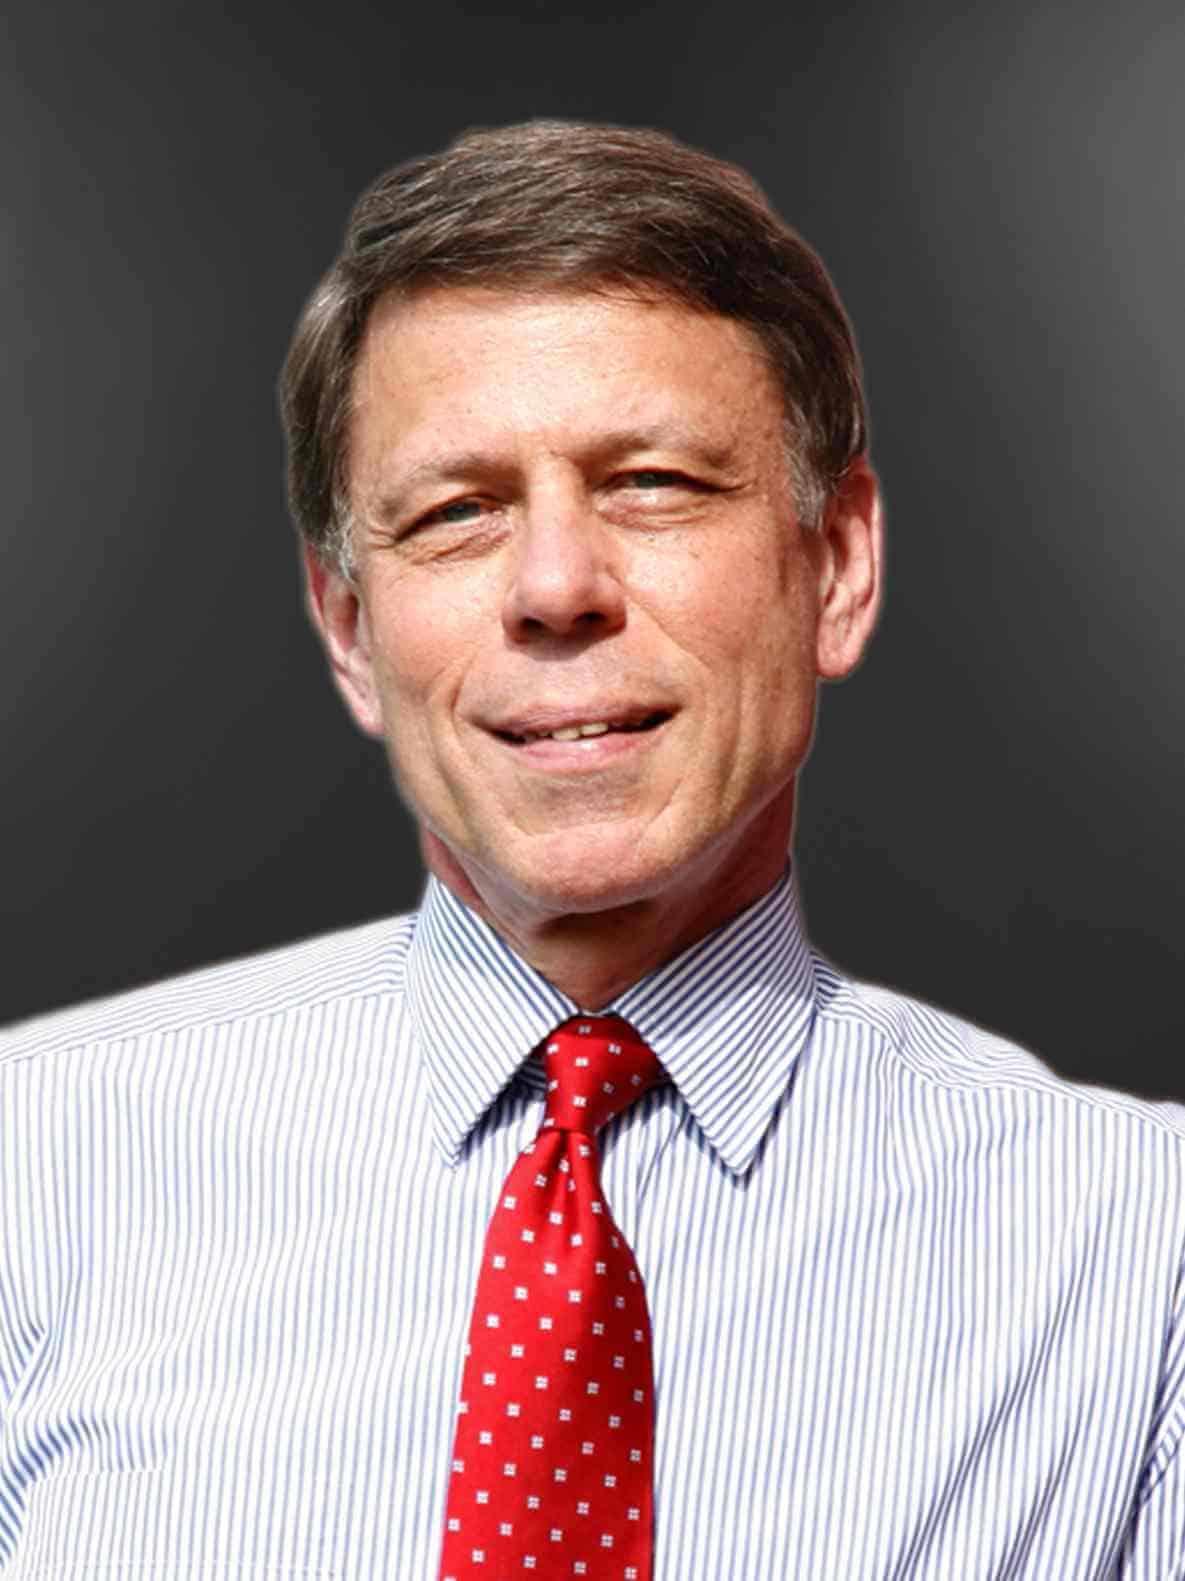 Dr. Gundolf Meyer-Hentschel